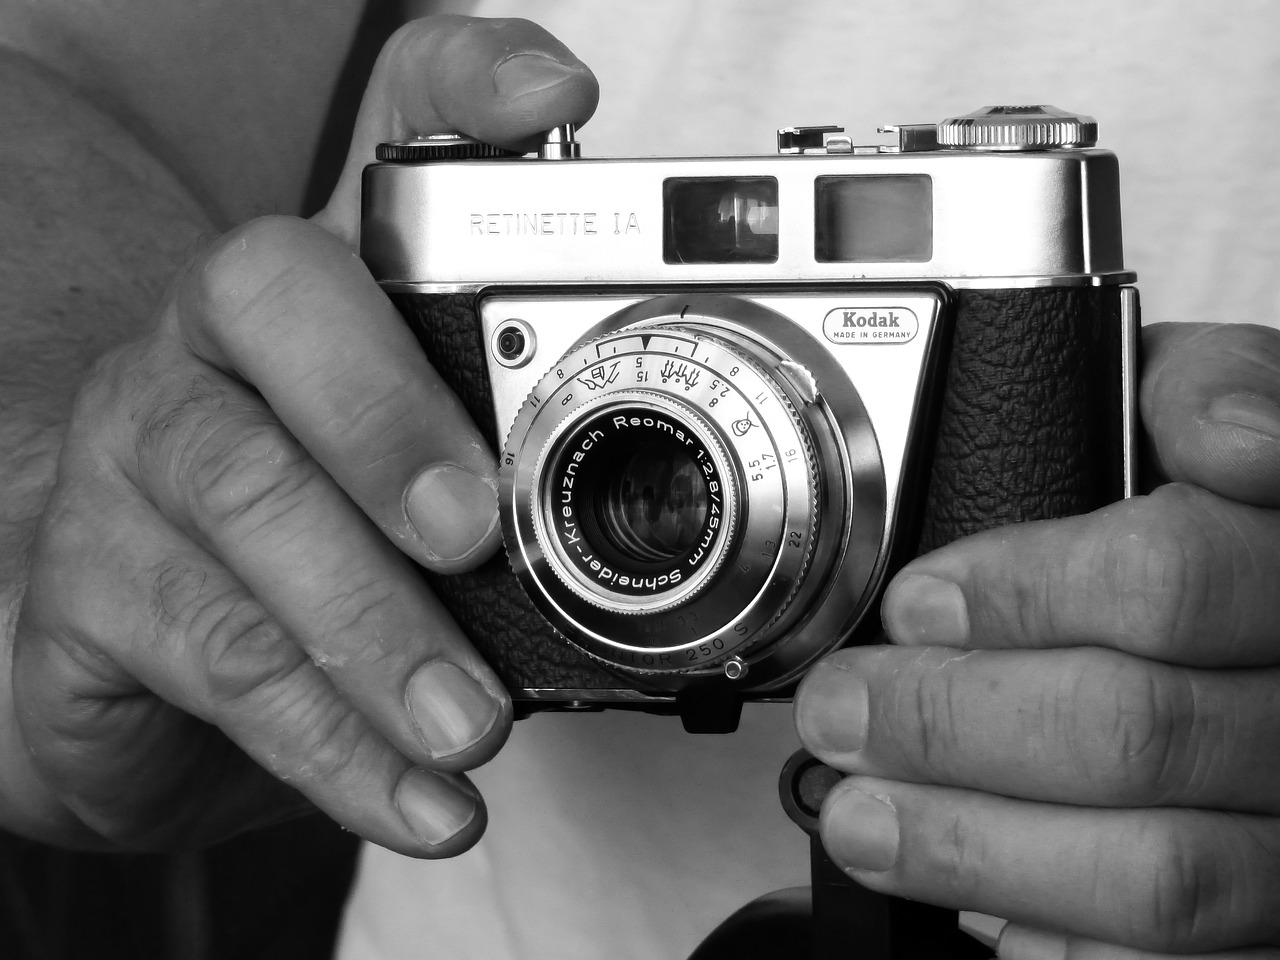 фотоаппарат для работы в архив совместной